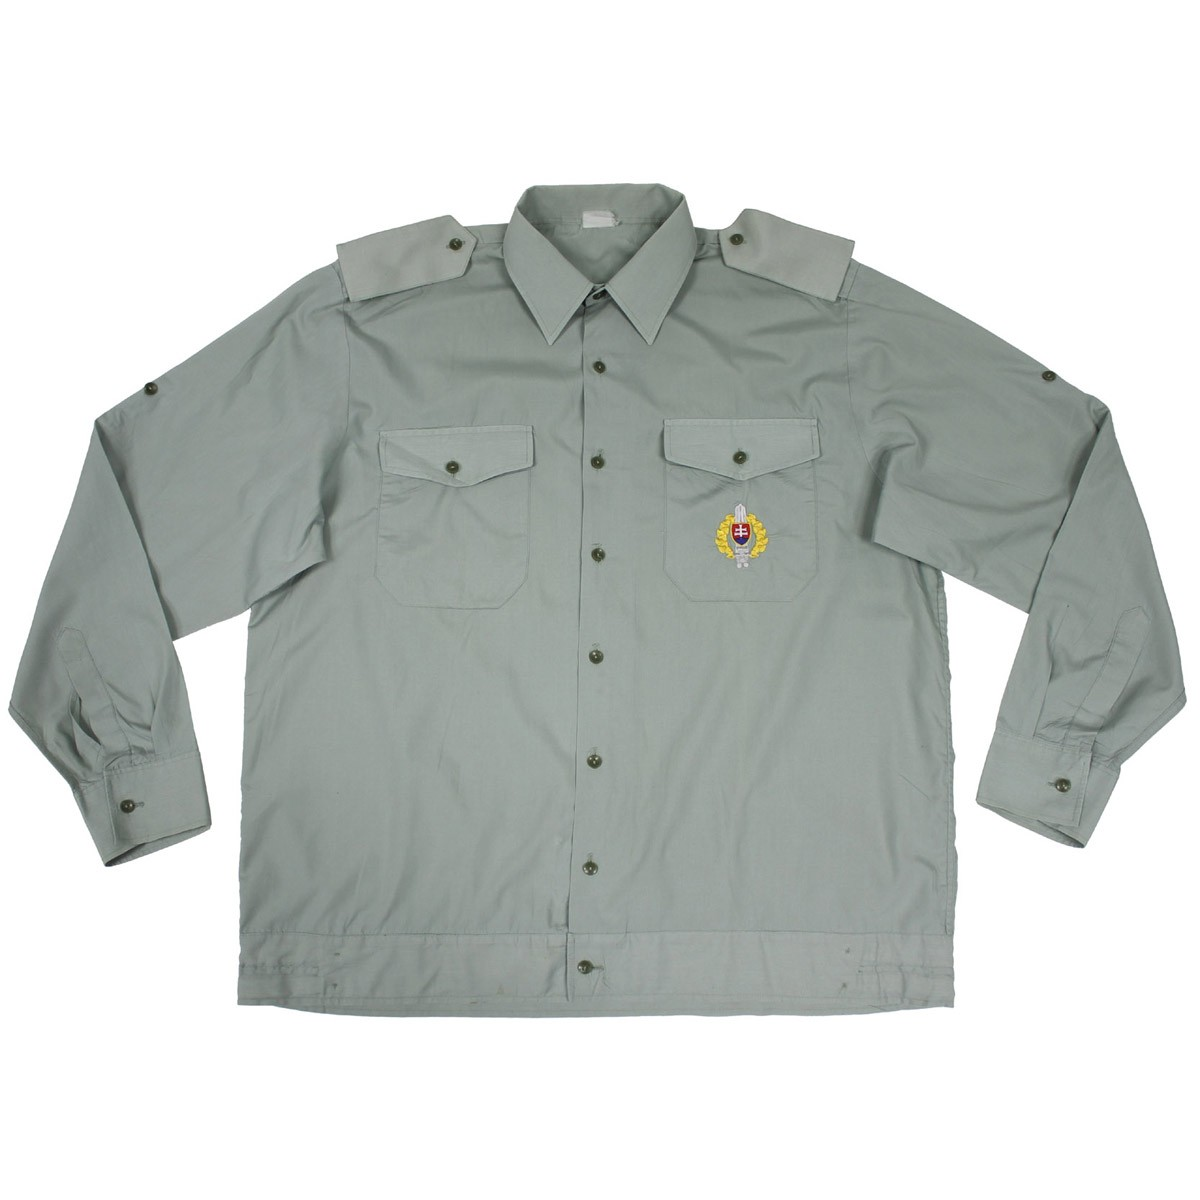 Košile SK s dlouhým rukávem slovenská vycházková ZELENÁ Armáda Slovenská 9602378 L-11